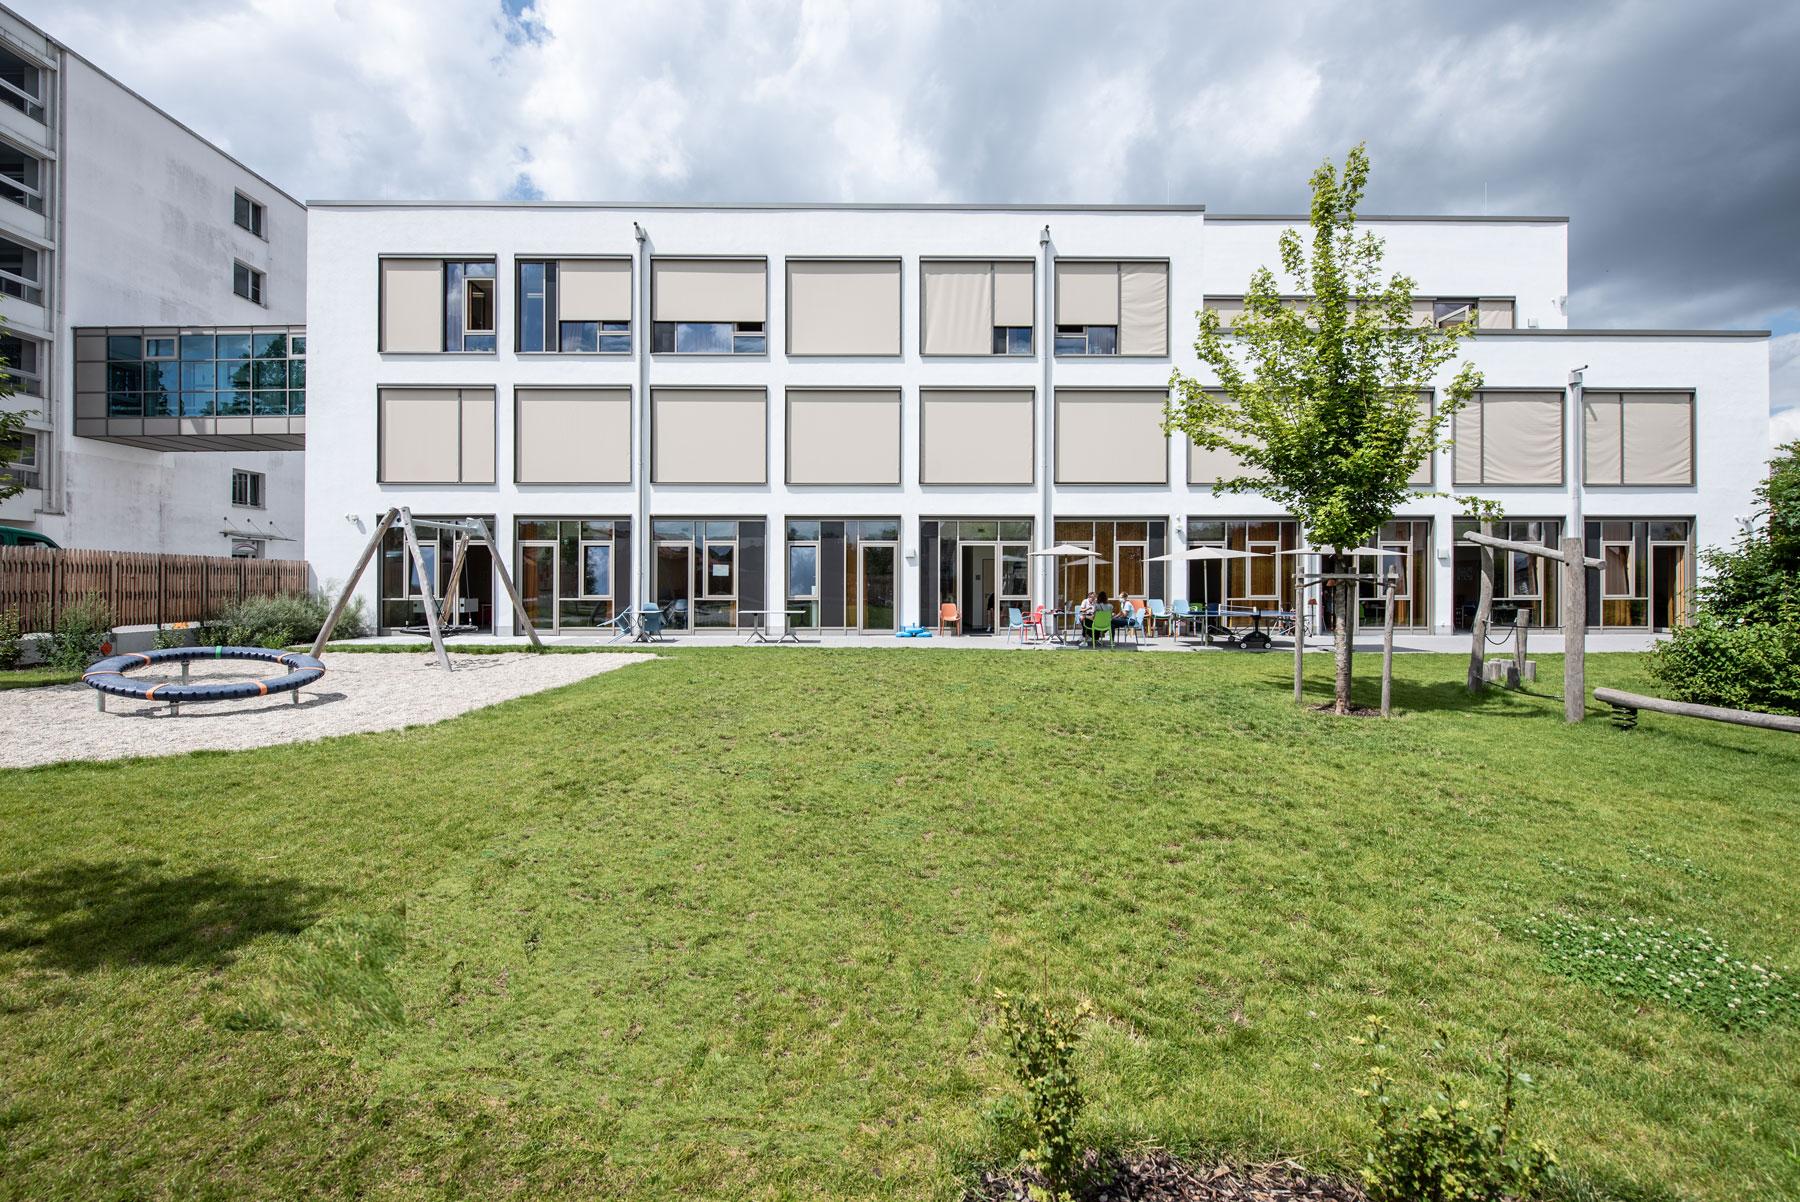 die Psychosomatik des Kinderkrankenhaus St. Marien in Landshut